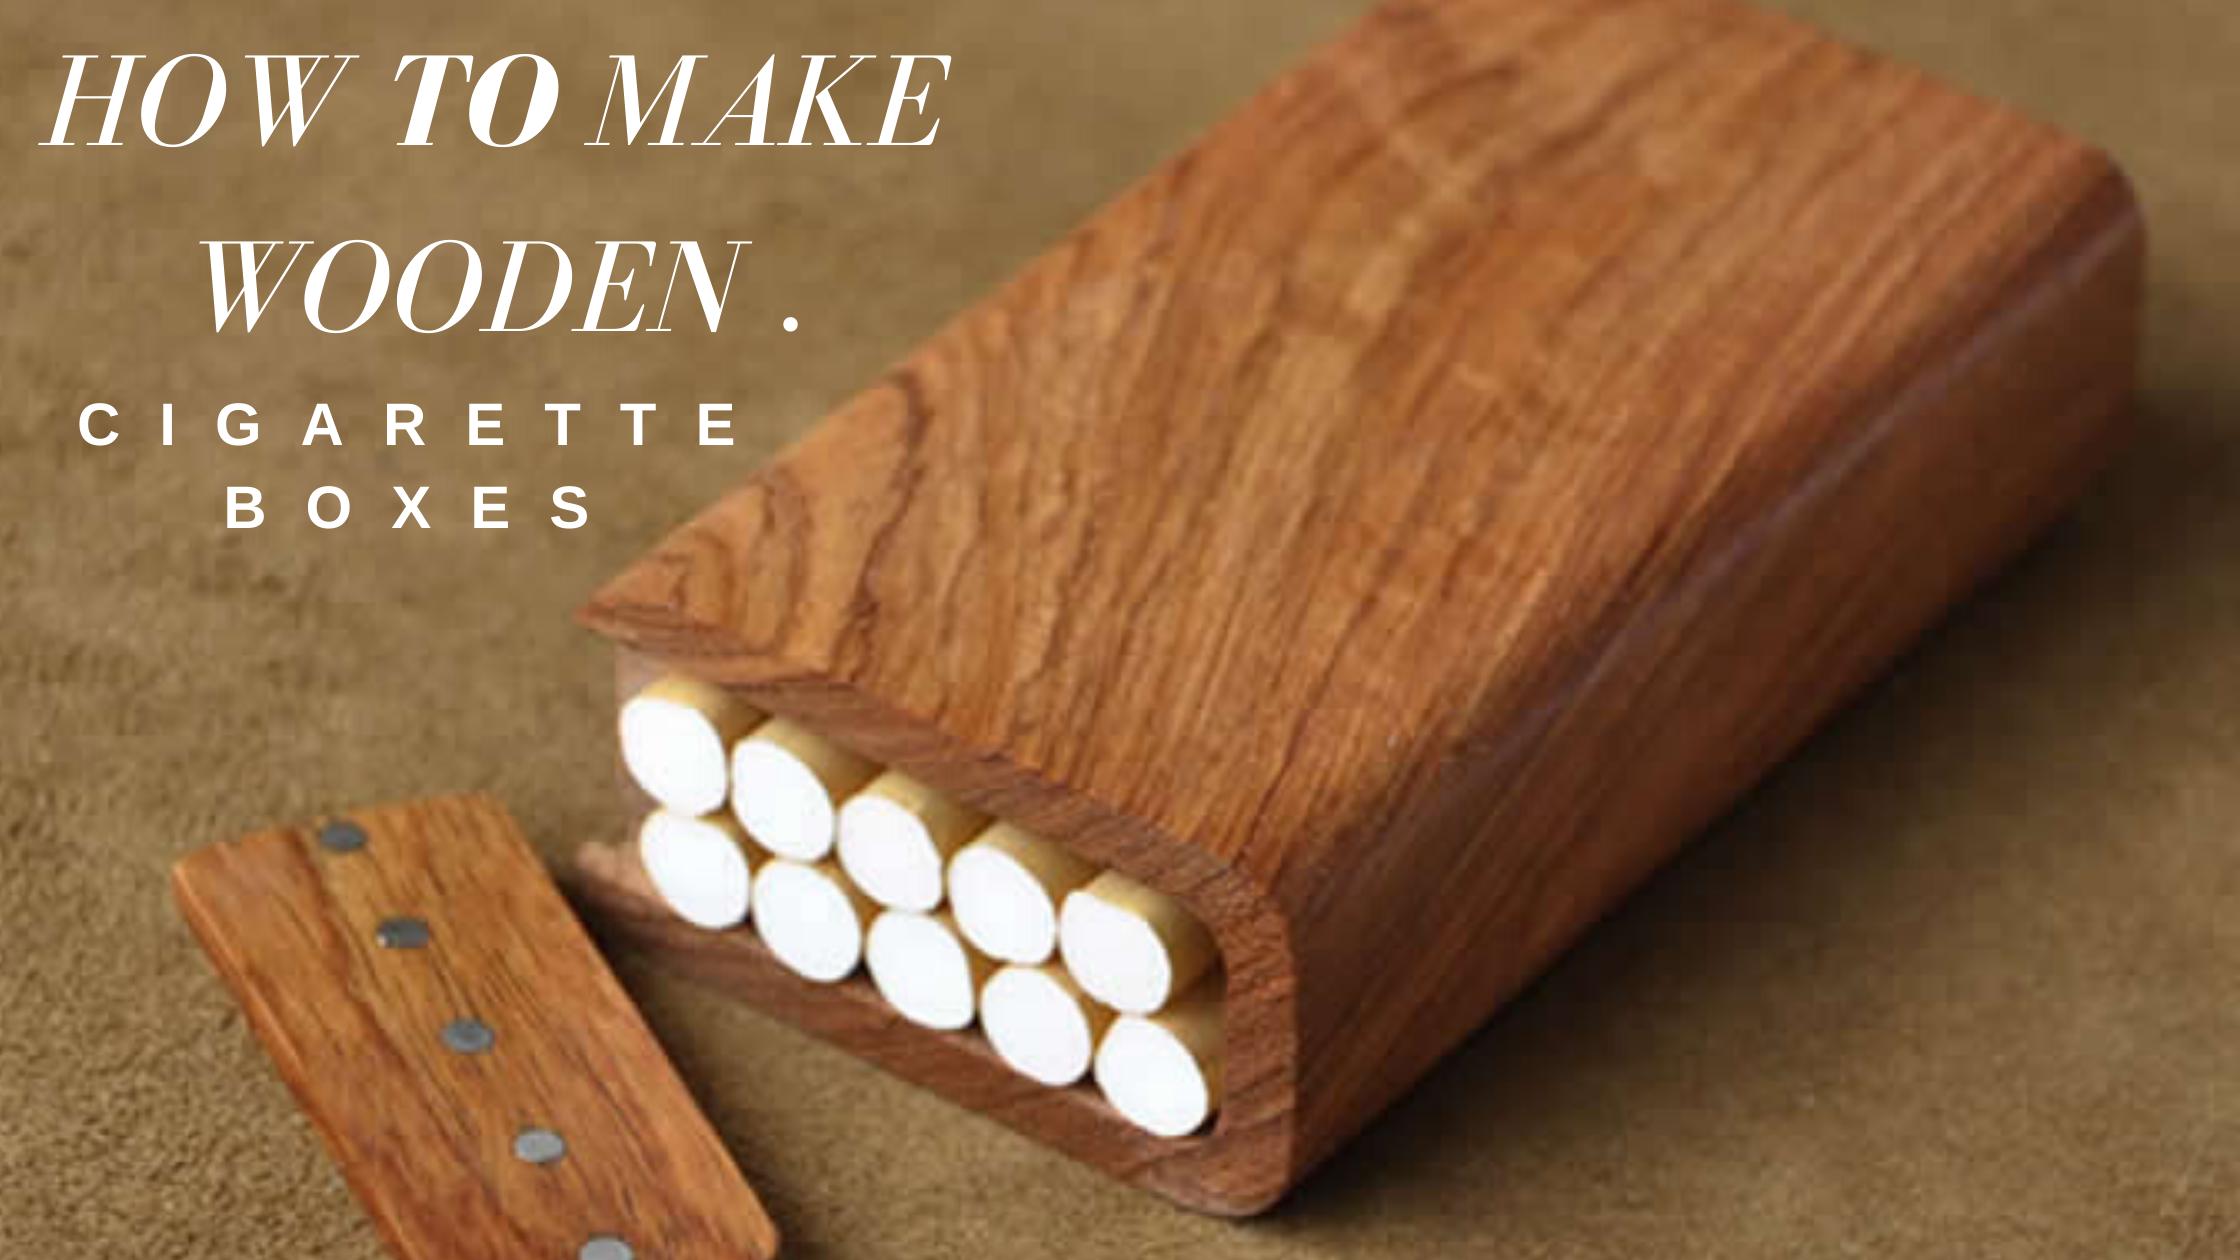 Wooden Cigarette Boxes